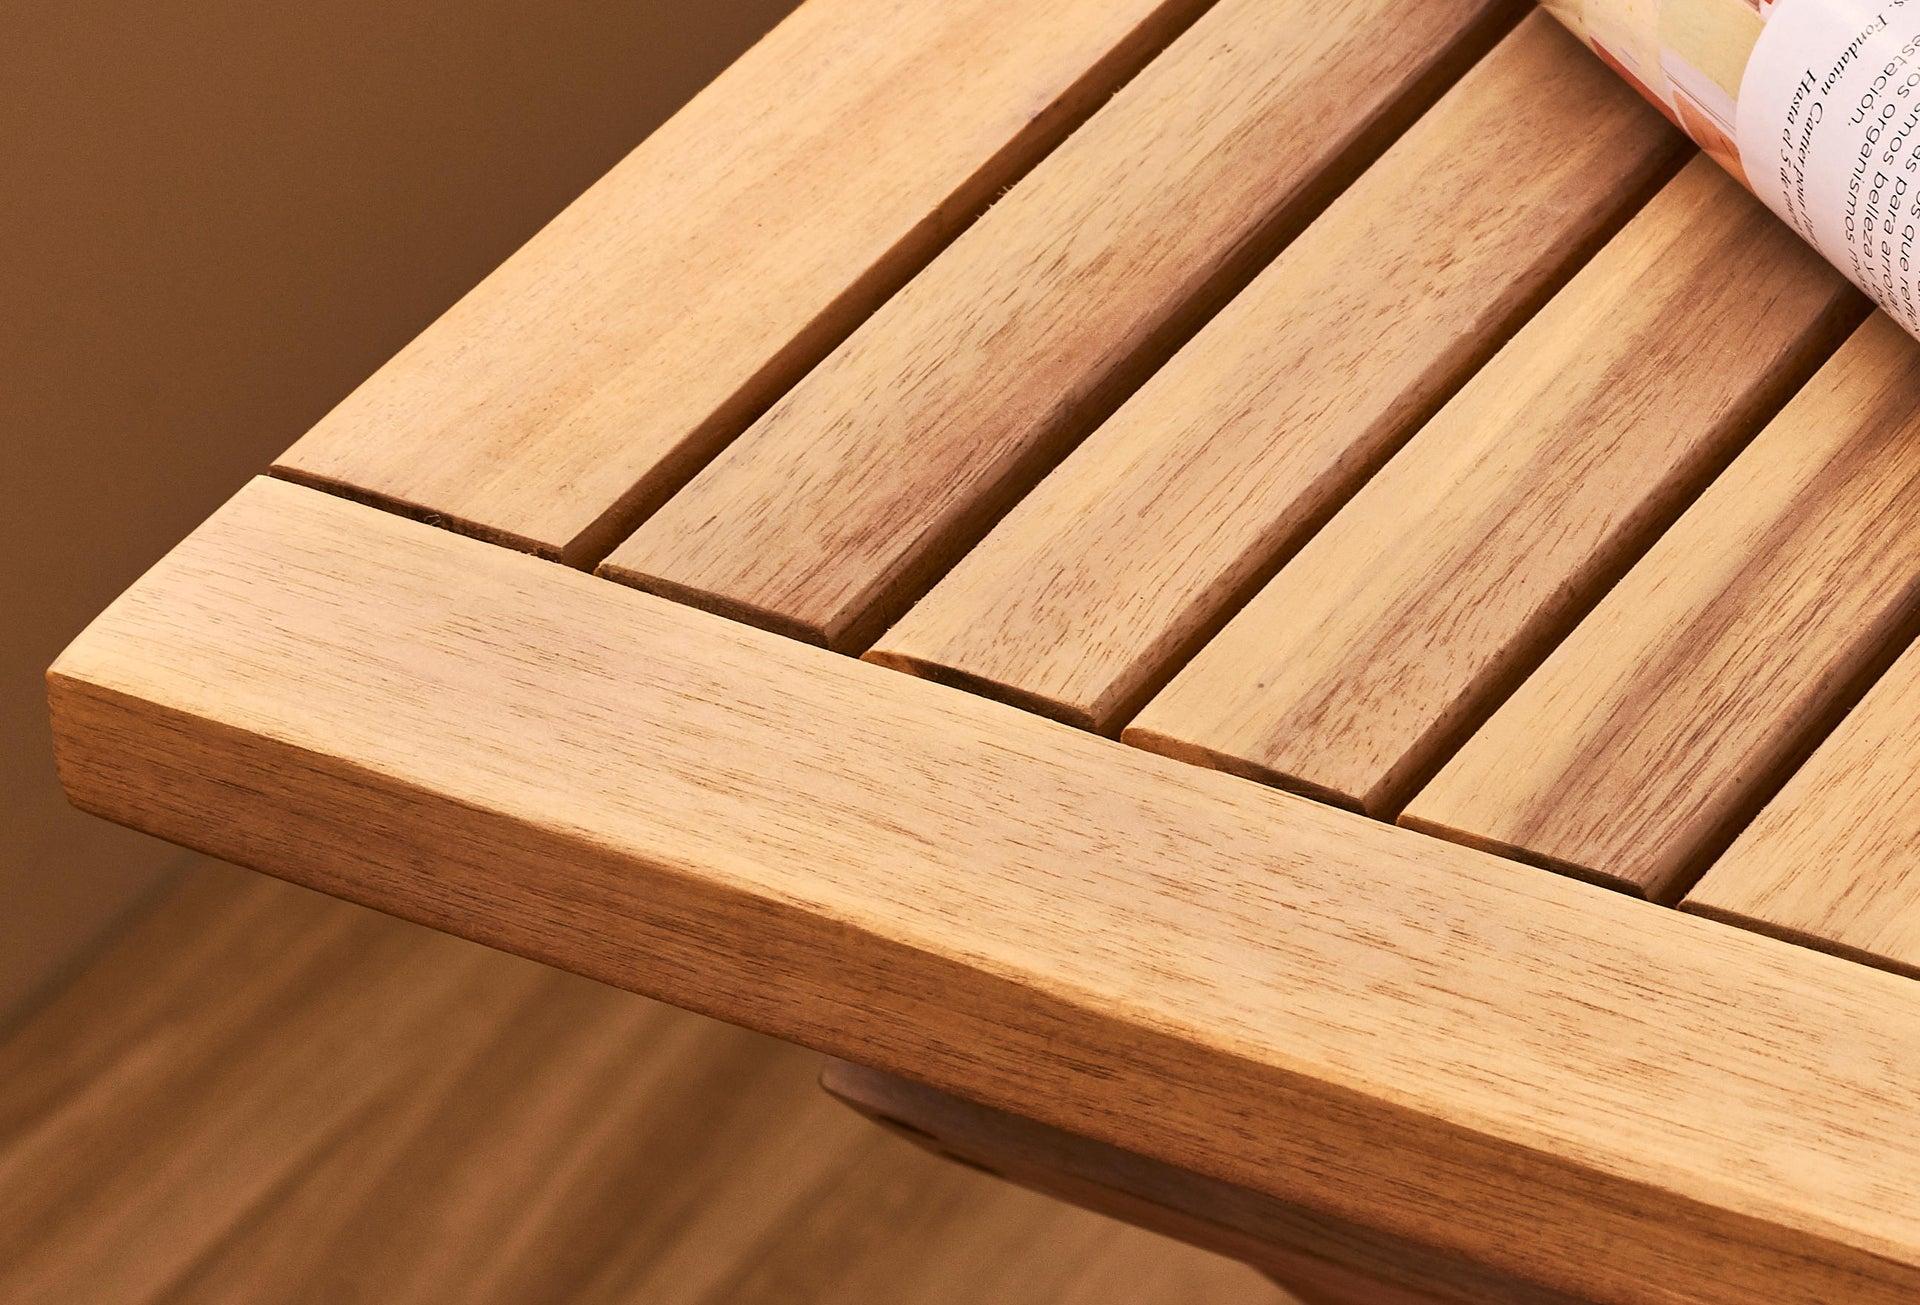 Tavolo da giardino rettangolare Solis NATERIAL con piano in legno L 70 x P 114 cm - 19